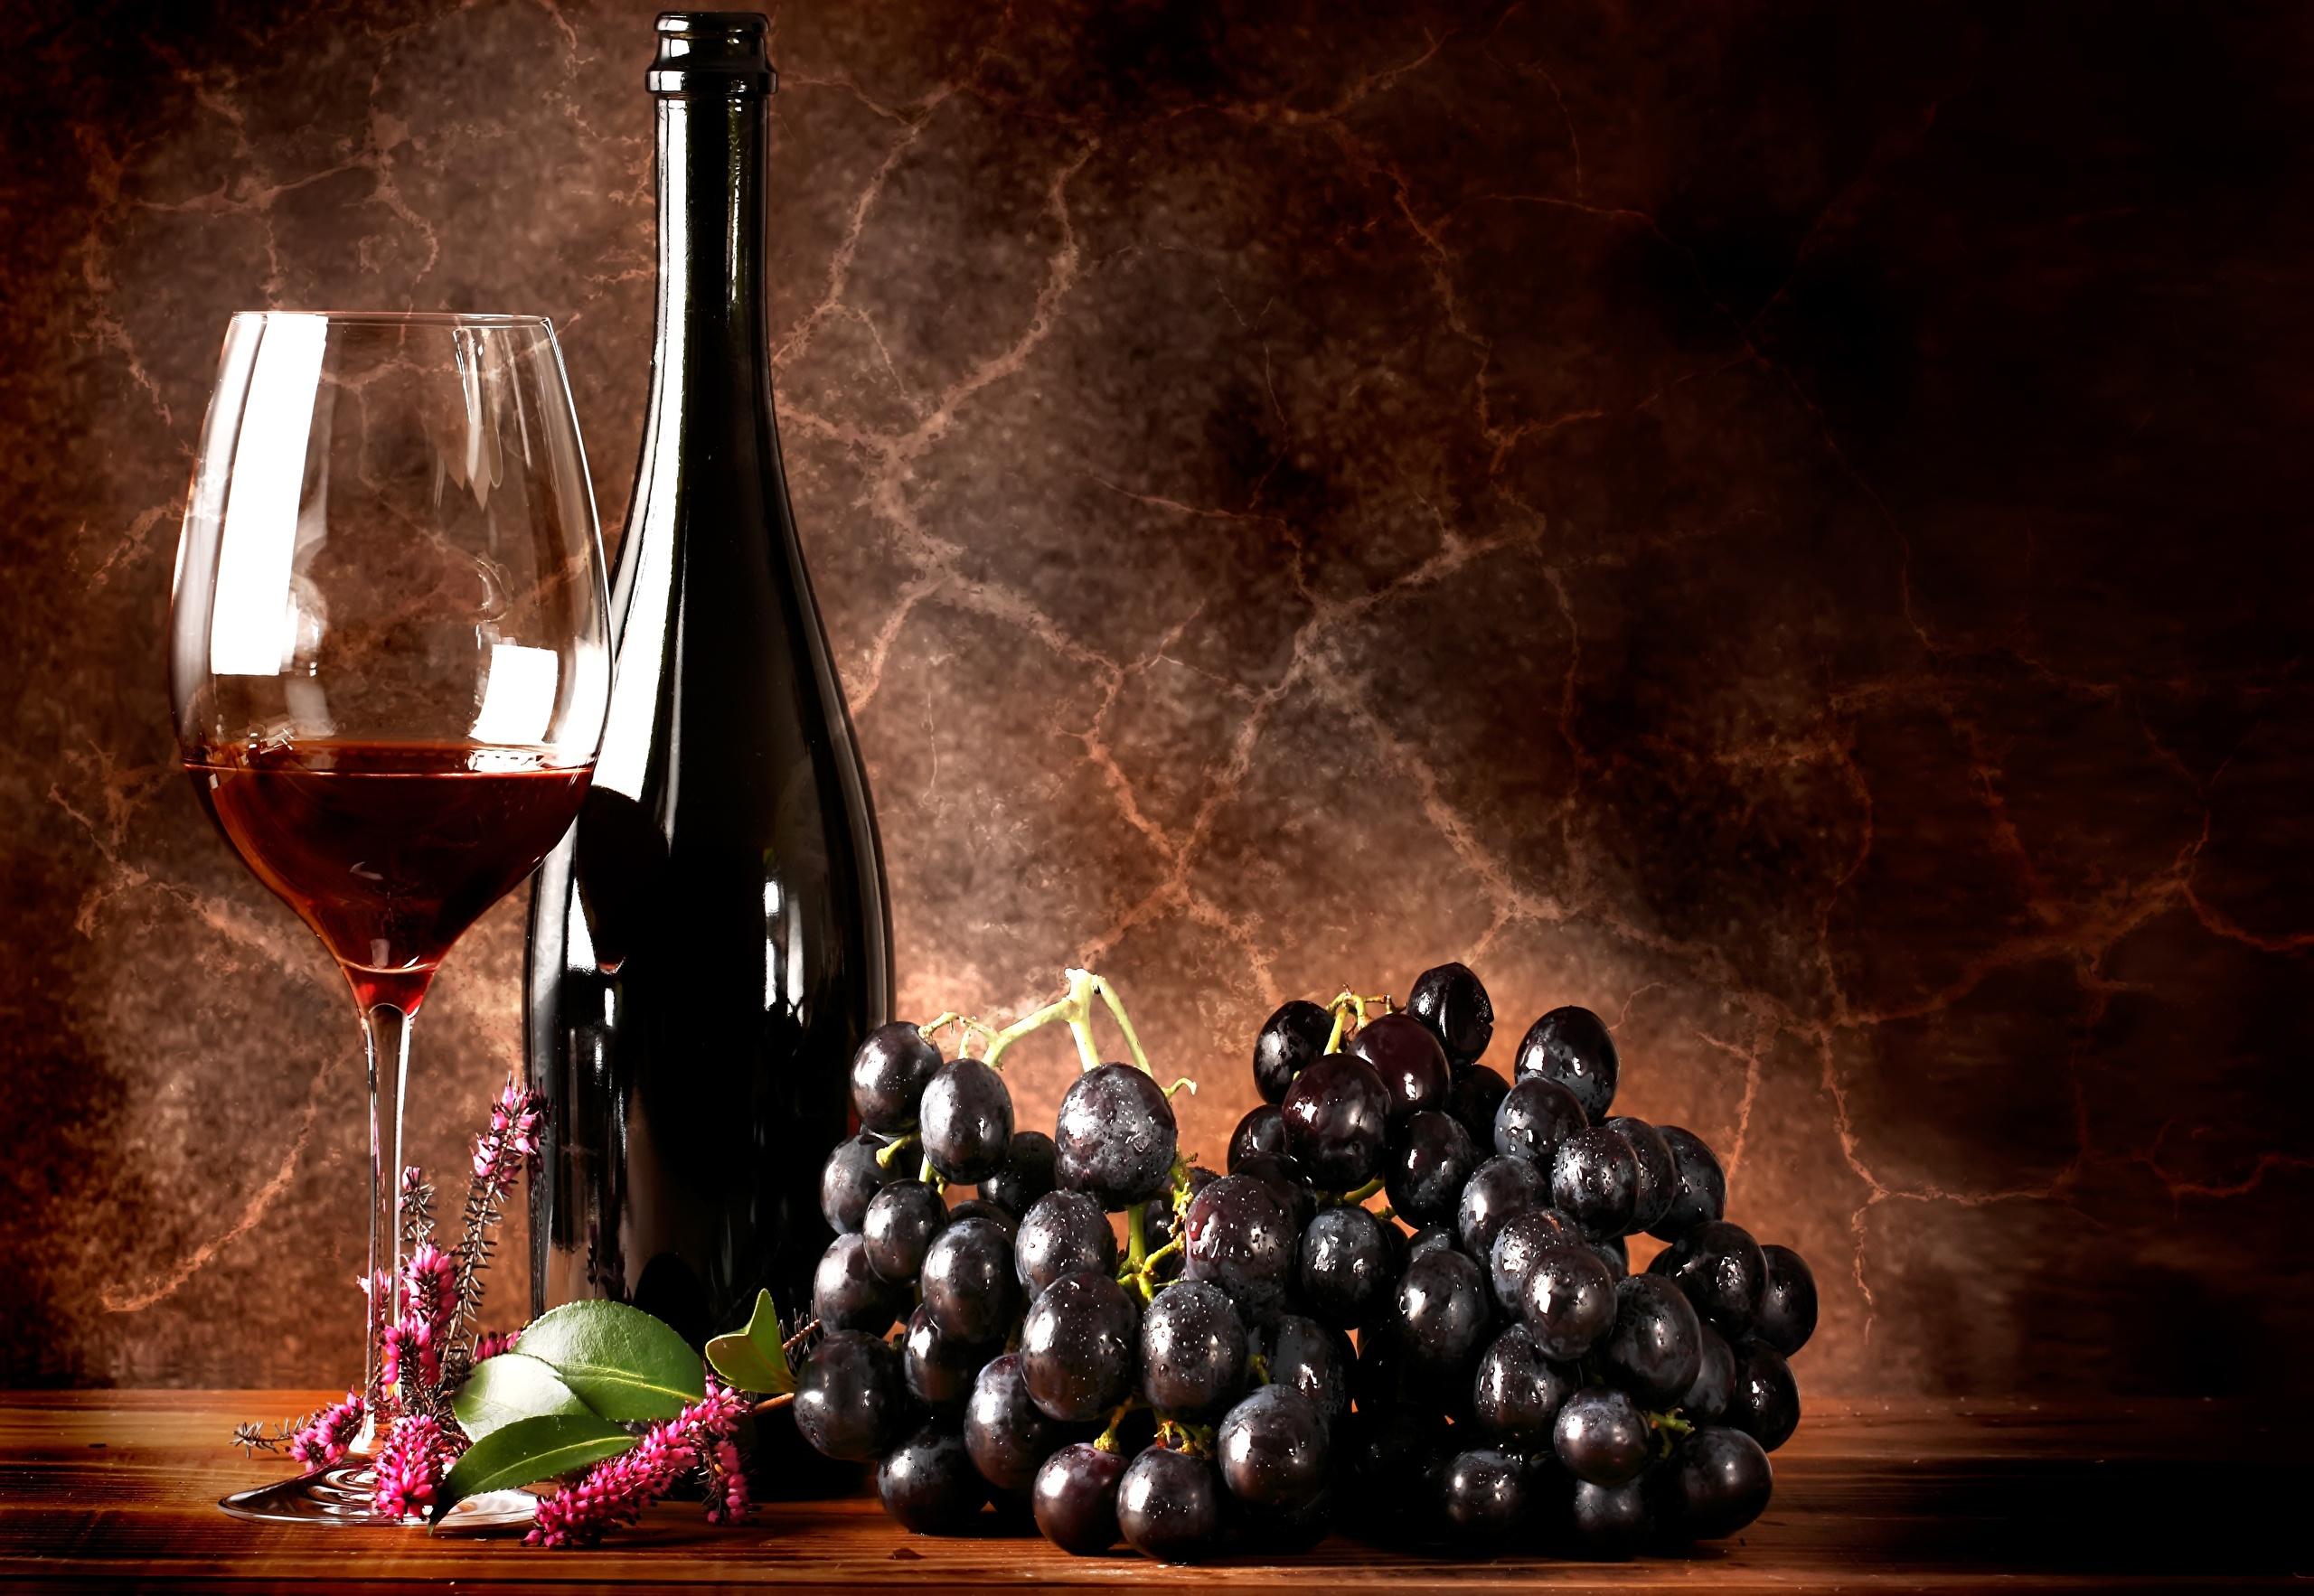 красное вино бокалы графин бесплатно